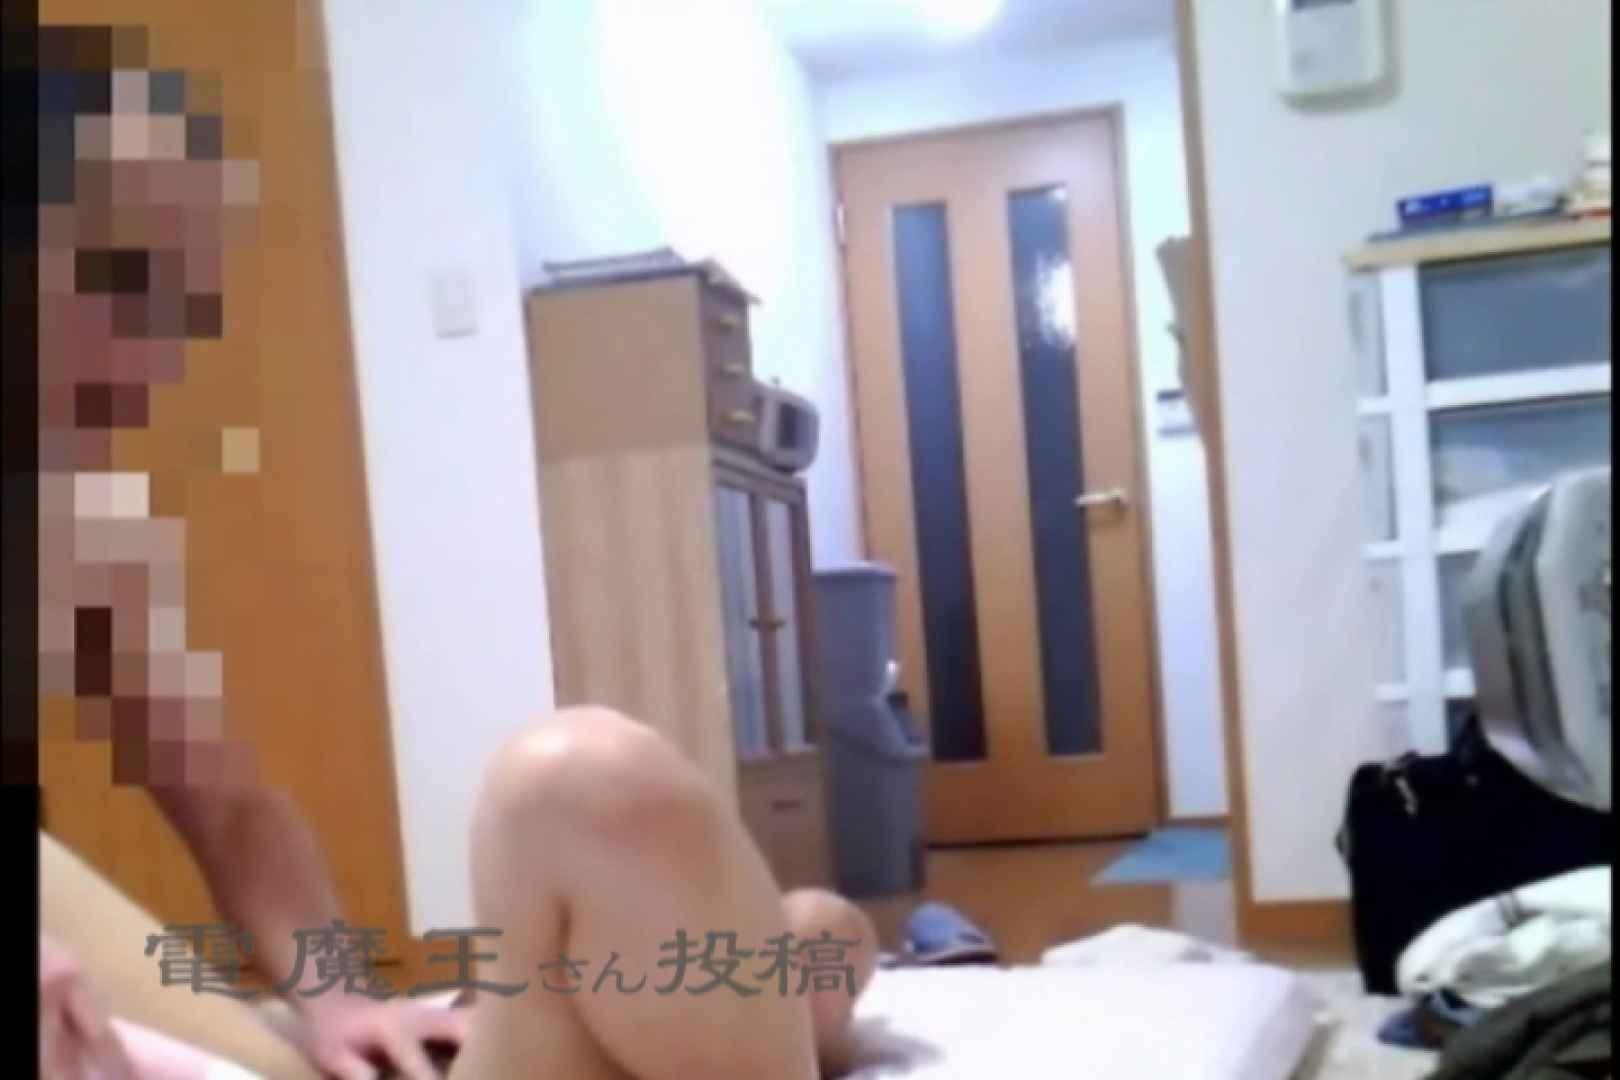 電魔王さんの「隠撮の部屋」ケイ 隠撮  84連発 66